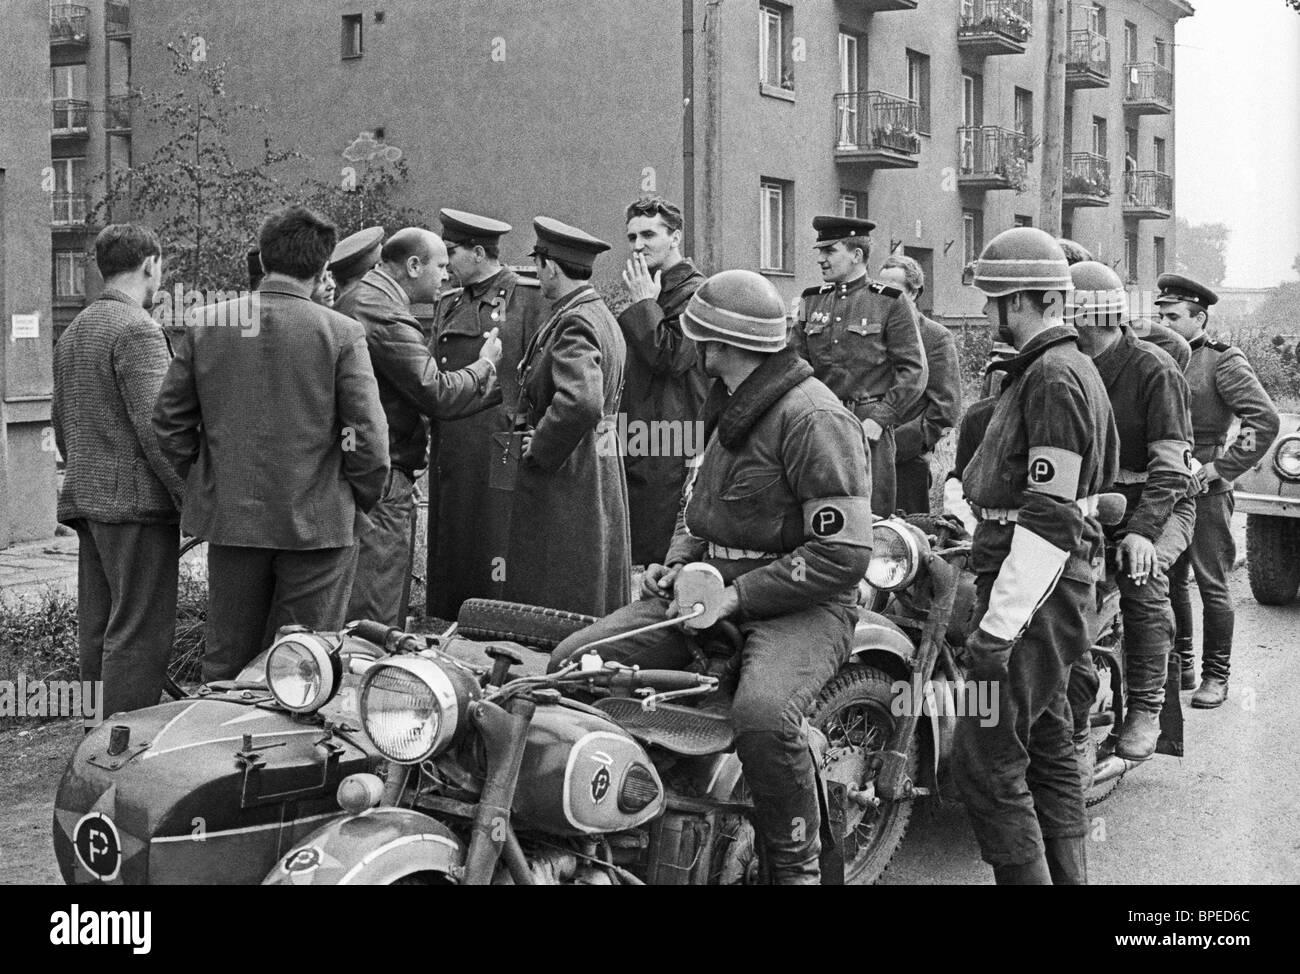 Prague Spring uprising of 1968 - Stock Image